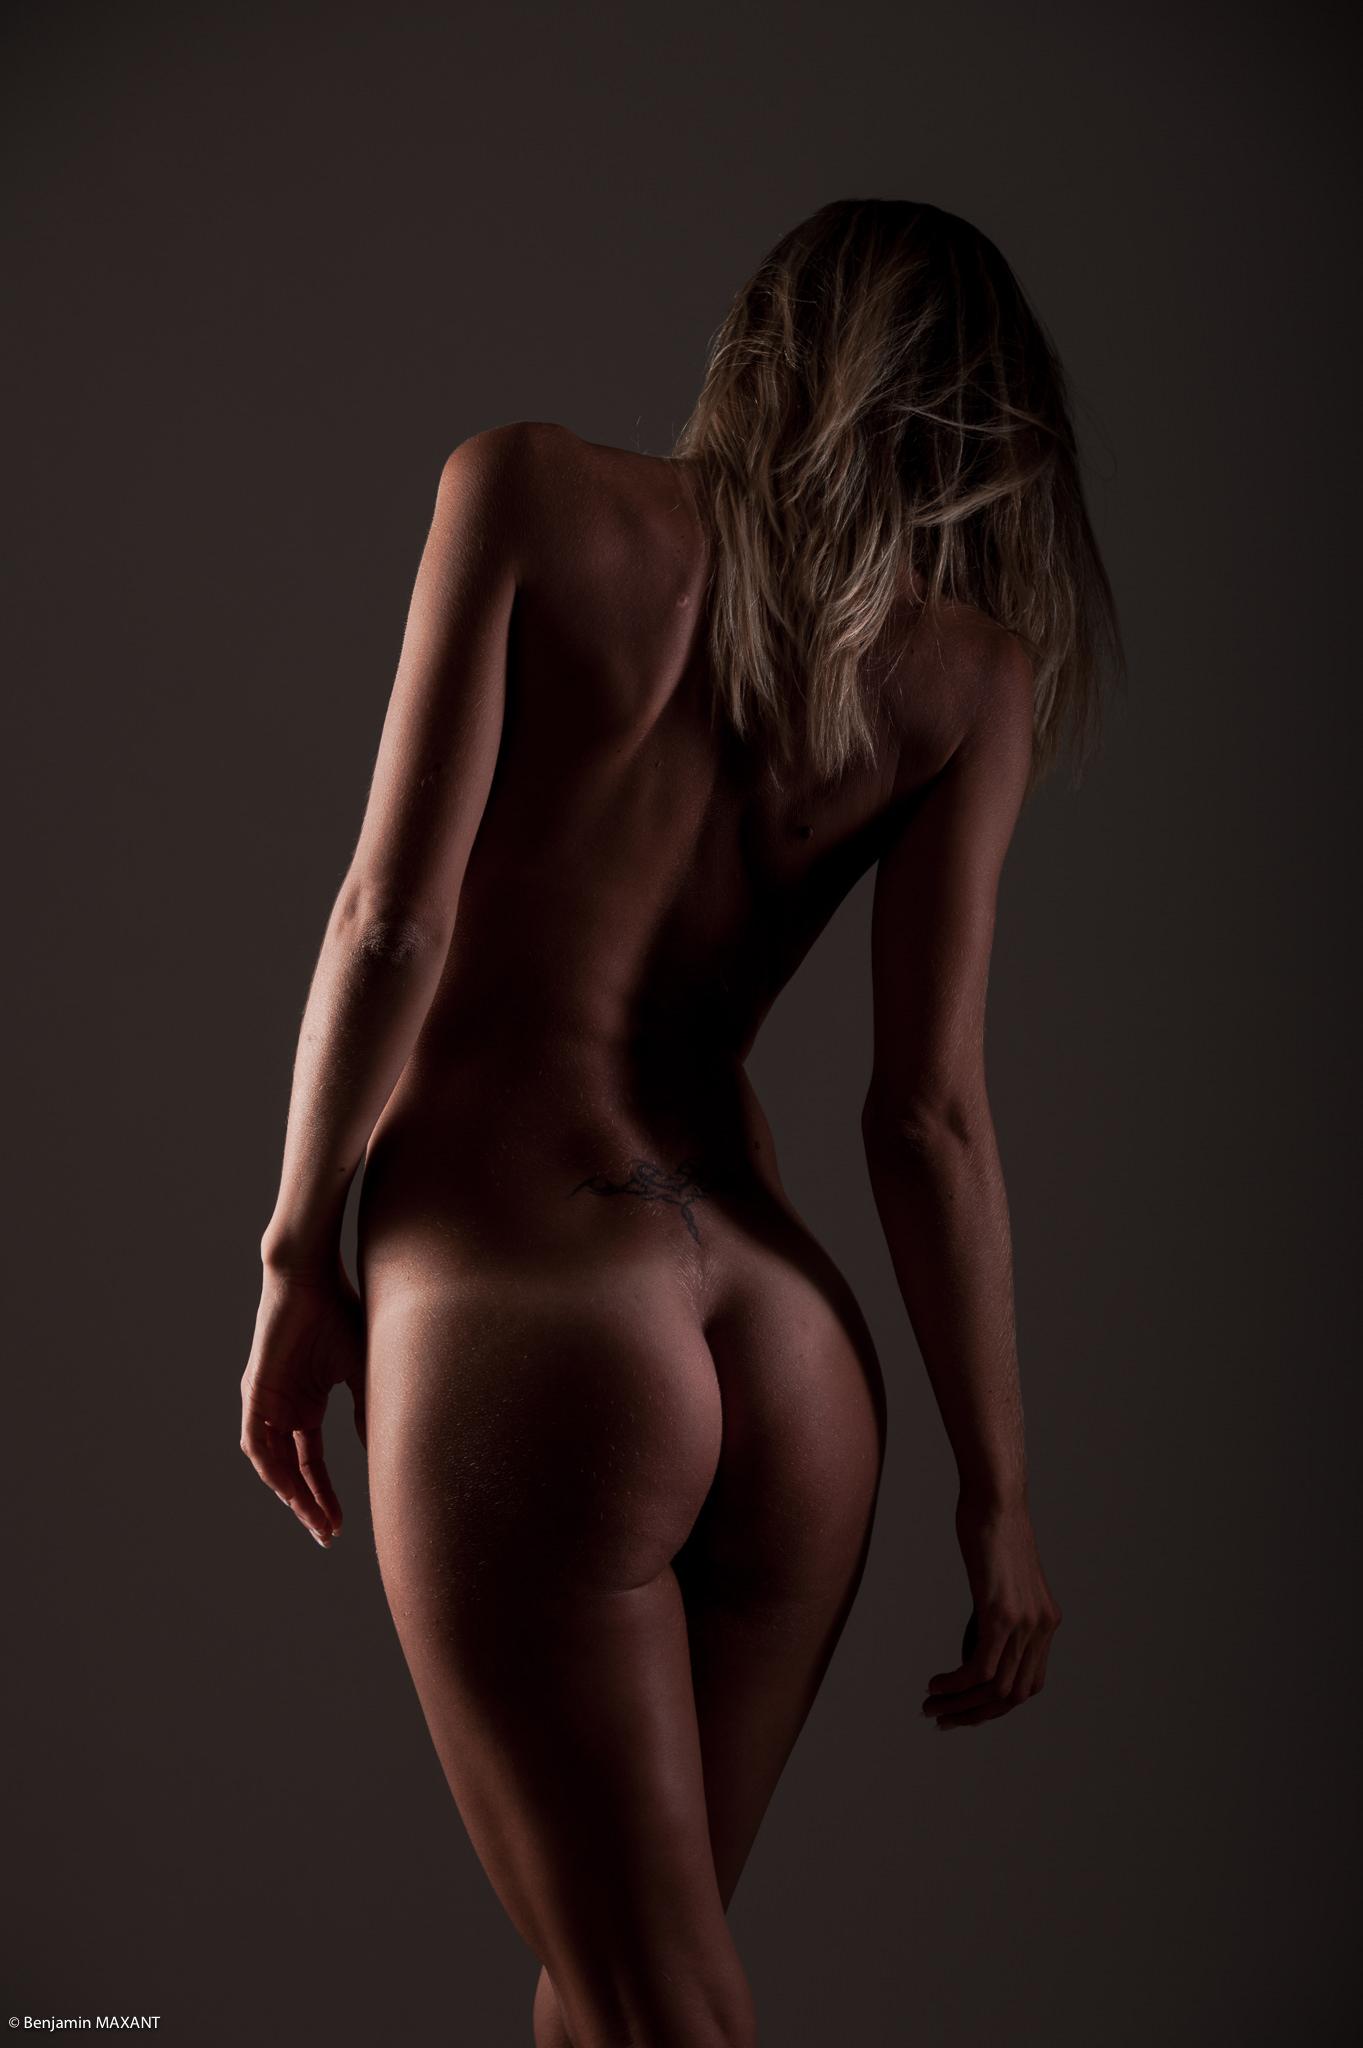 Séance photo lingerie en studio avec Emeline - nue de dos